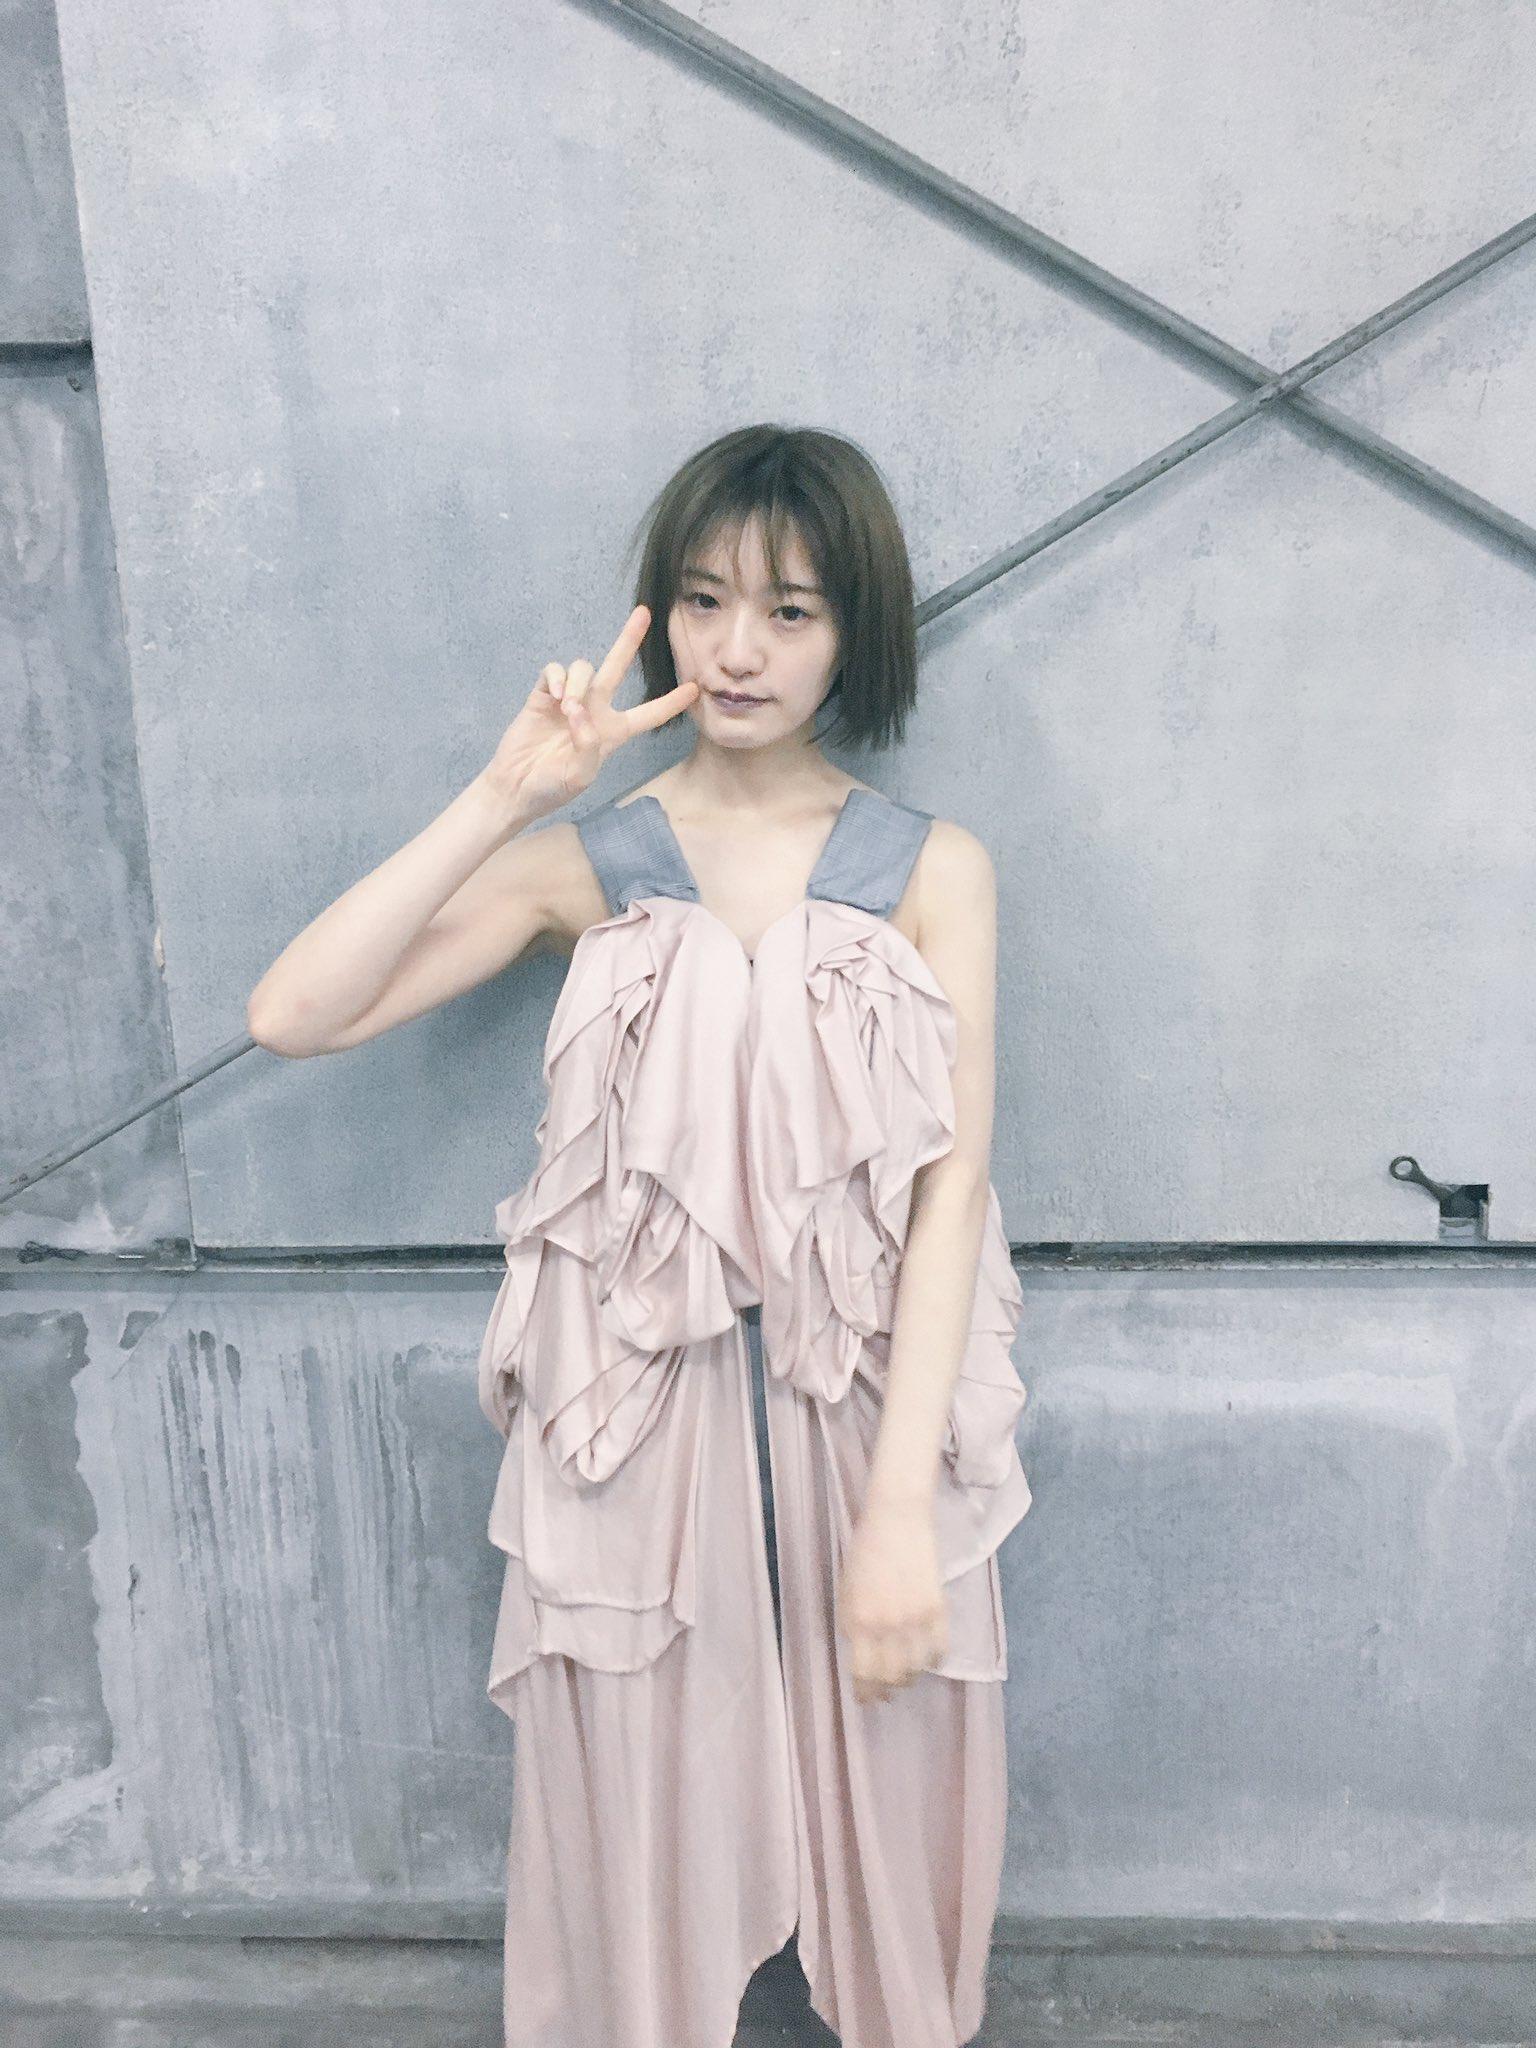 中田花奈のピースサイン画像